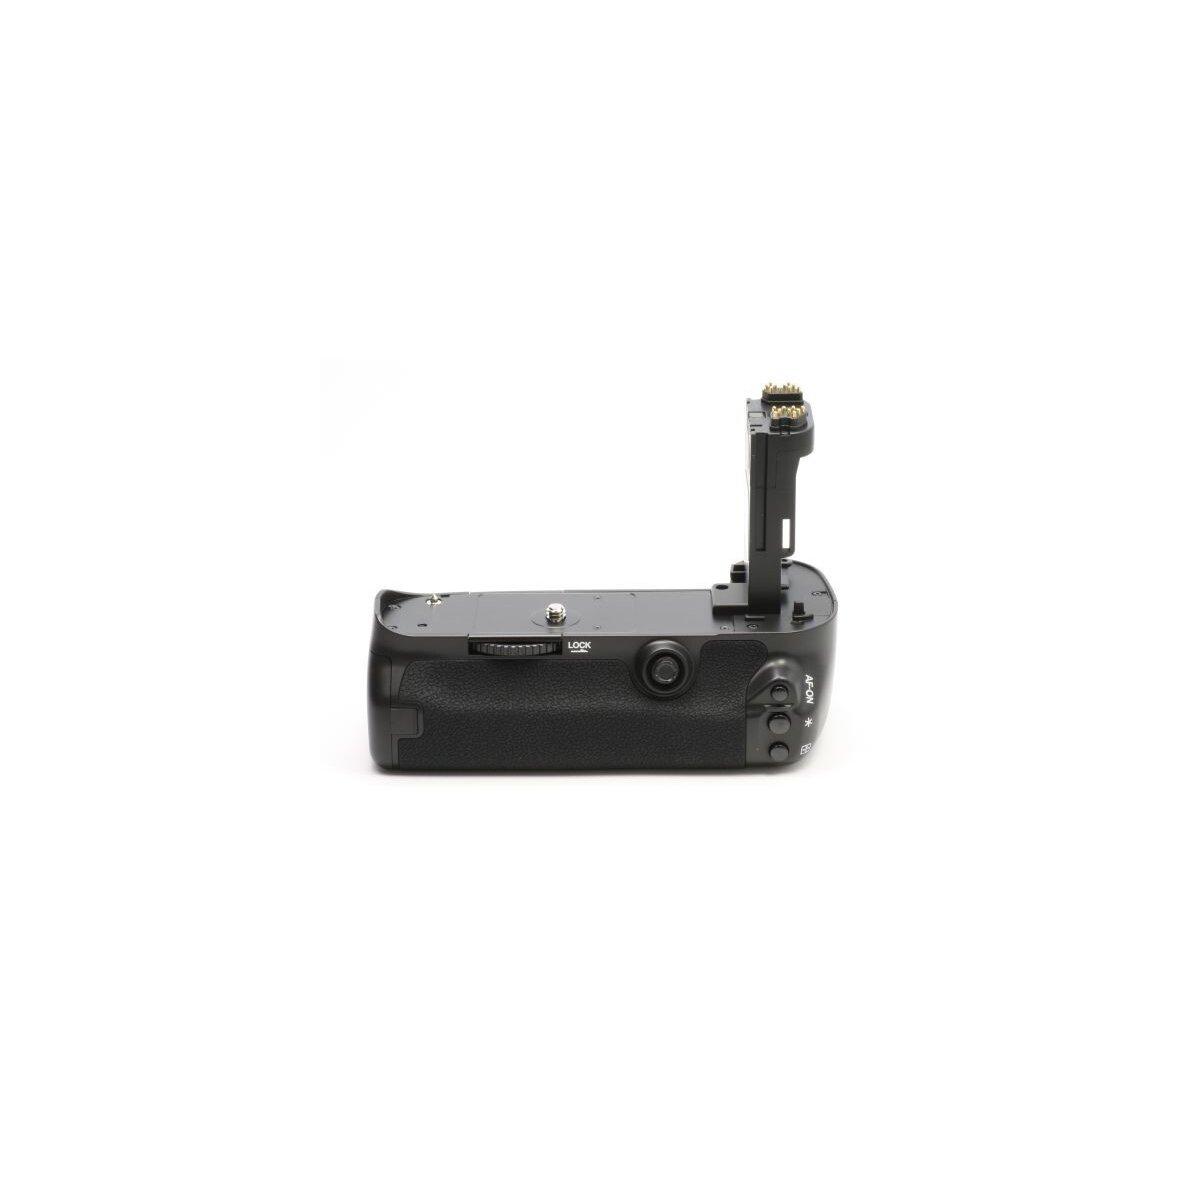 Minadax Profi Batteriegriff fuer Canon EOS 5D Mark III als BG-E11 Ersatz fuer LP-E6 Akkus + 1x Infrarot Fernbedienung!